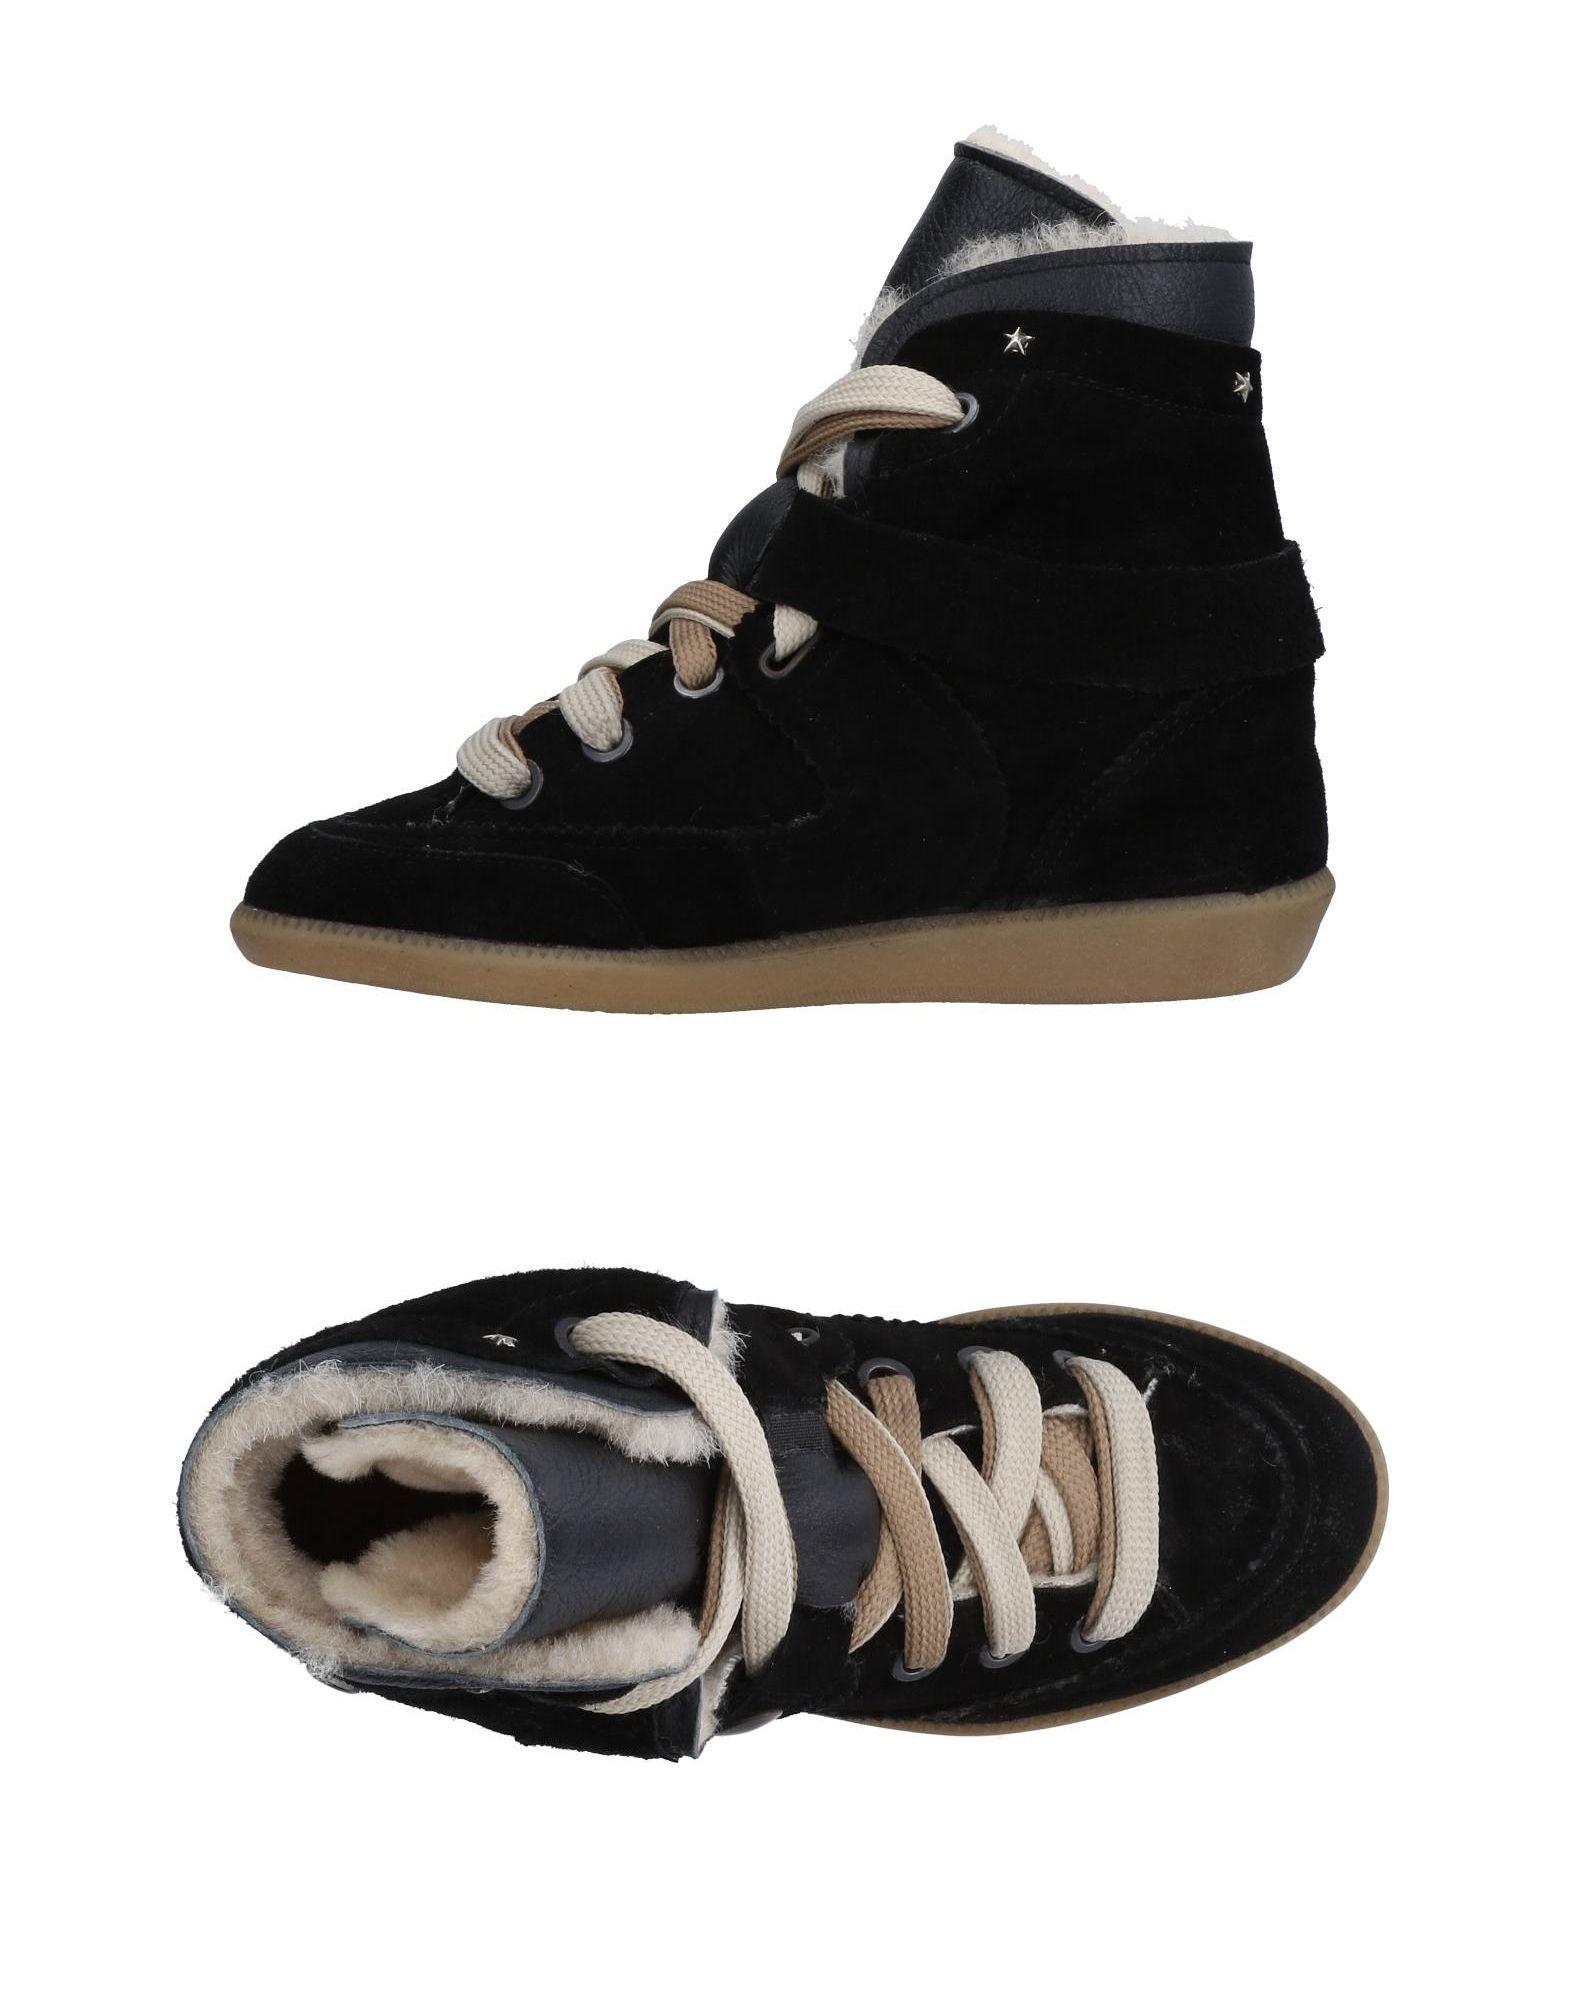 Scarpe economiche e resistenti Sneakers Manas Donna - 11503935OS